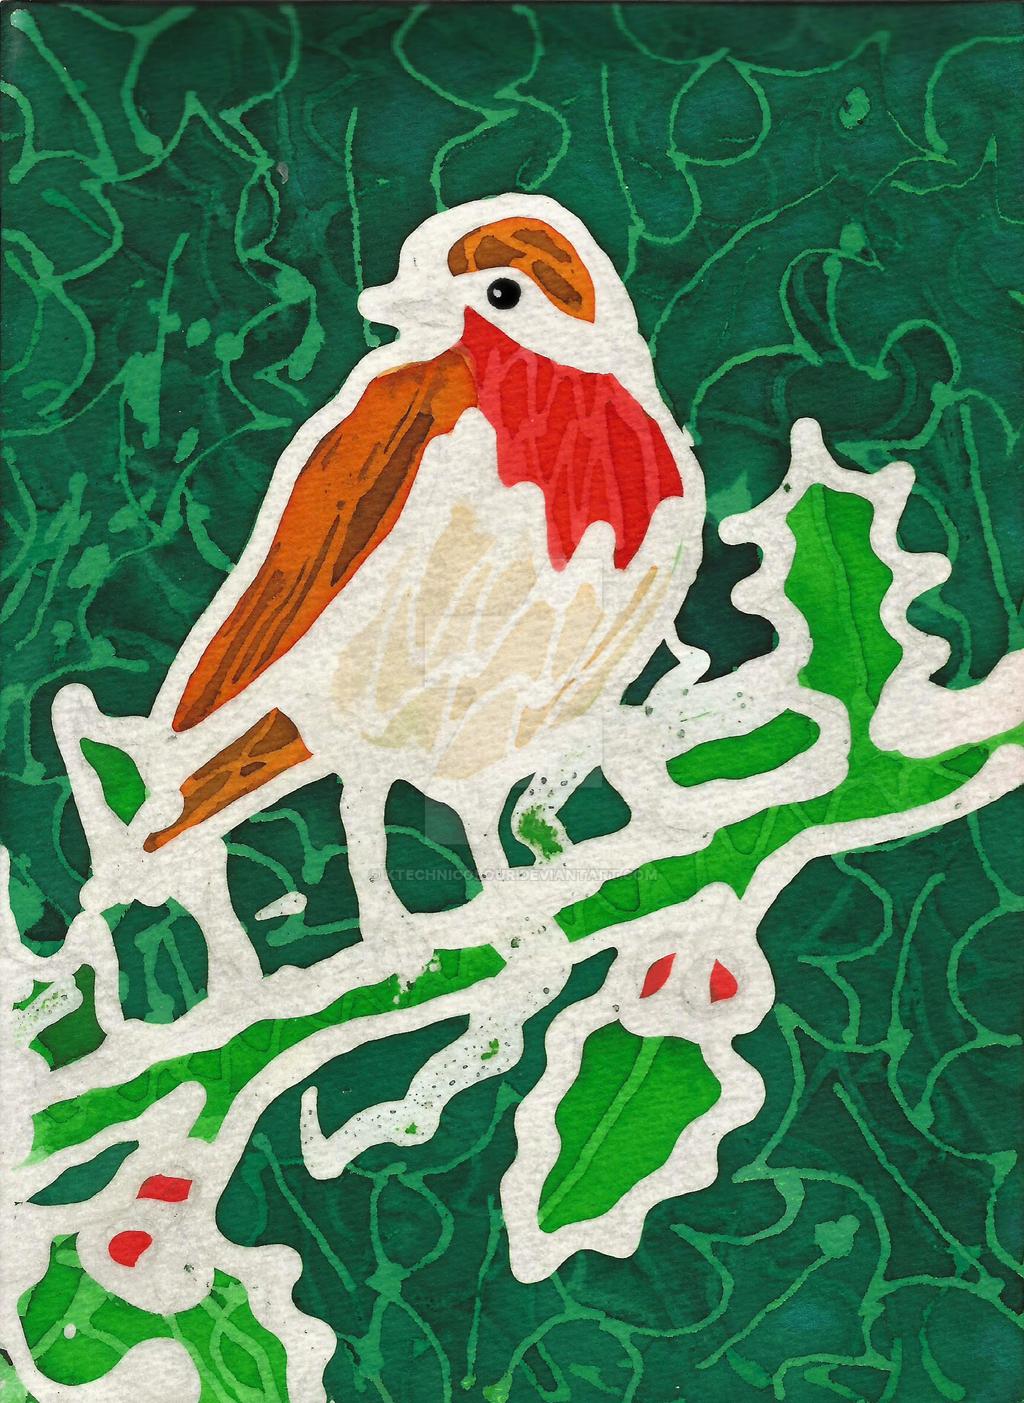 Christmas Robin by KTechnicolour